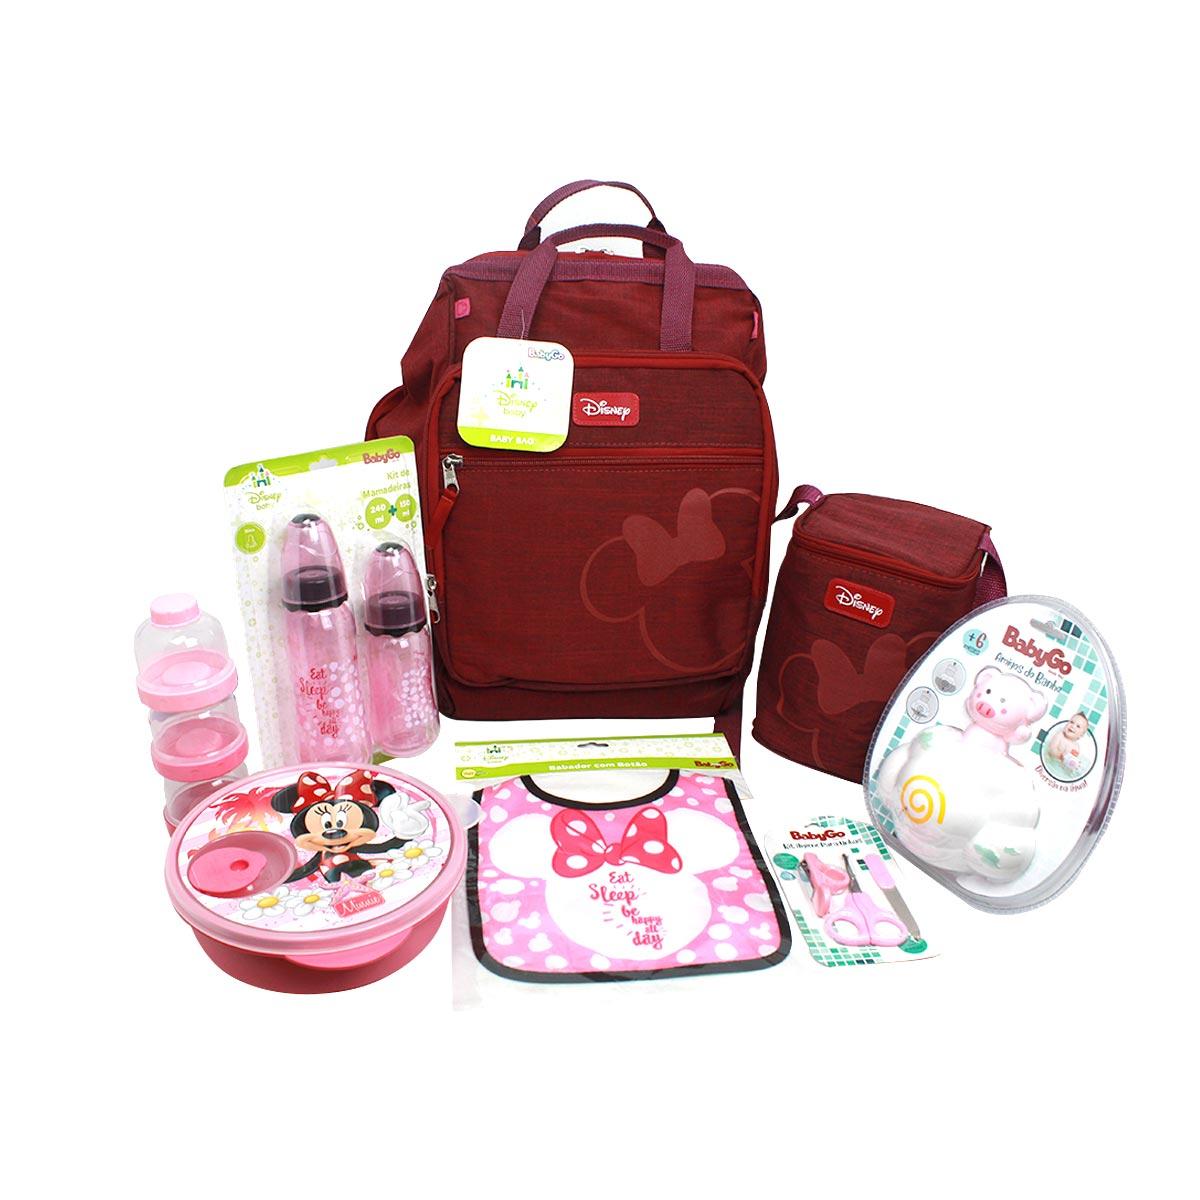 Kit Presente Recém Nascido Minnie Mouse  C/ Baby Bag